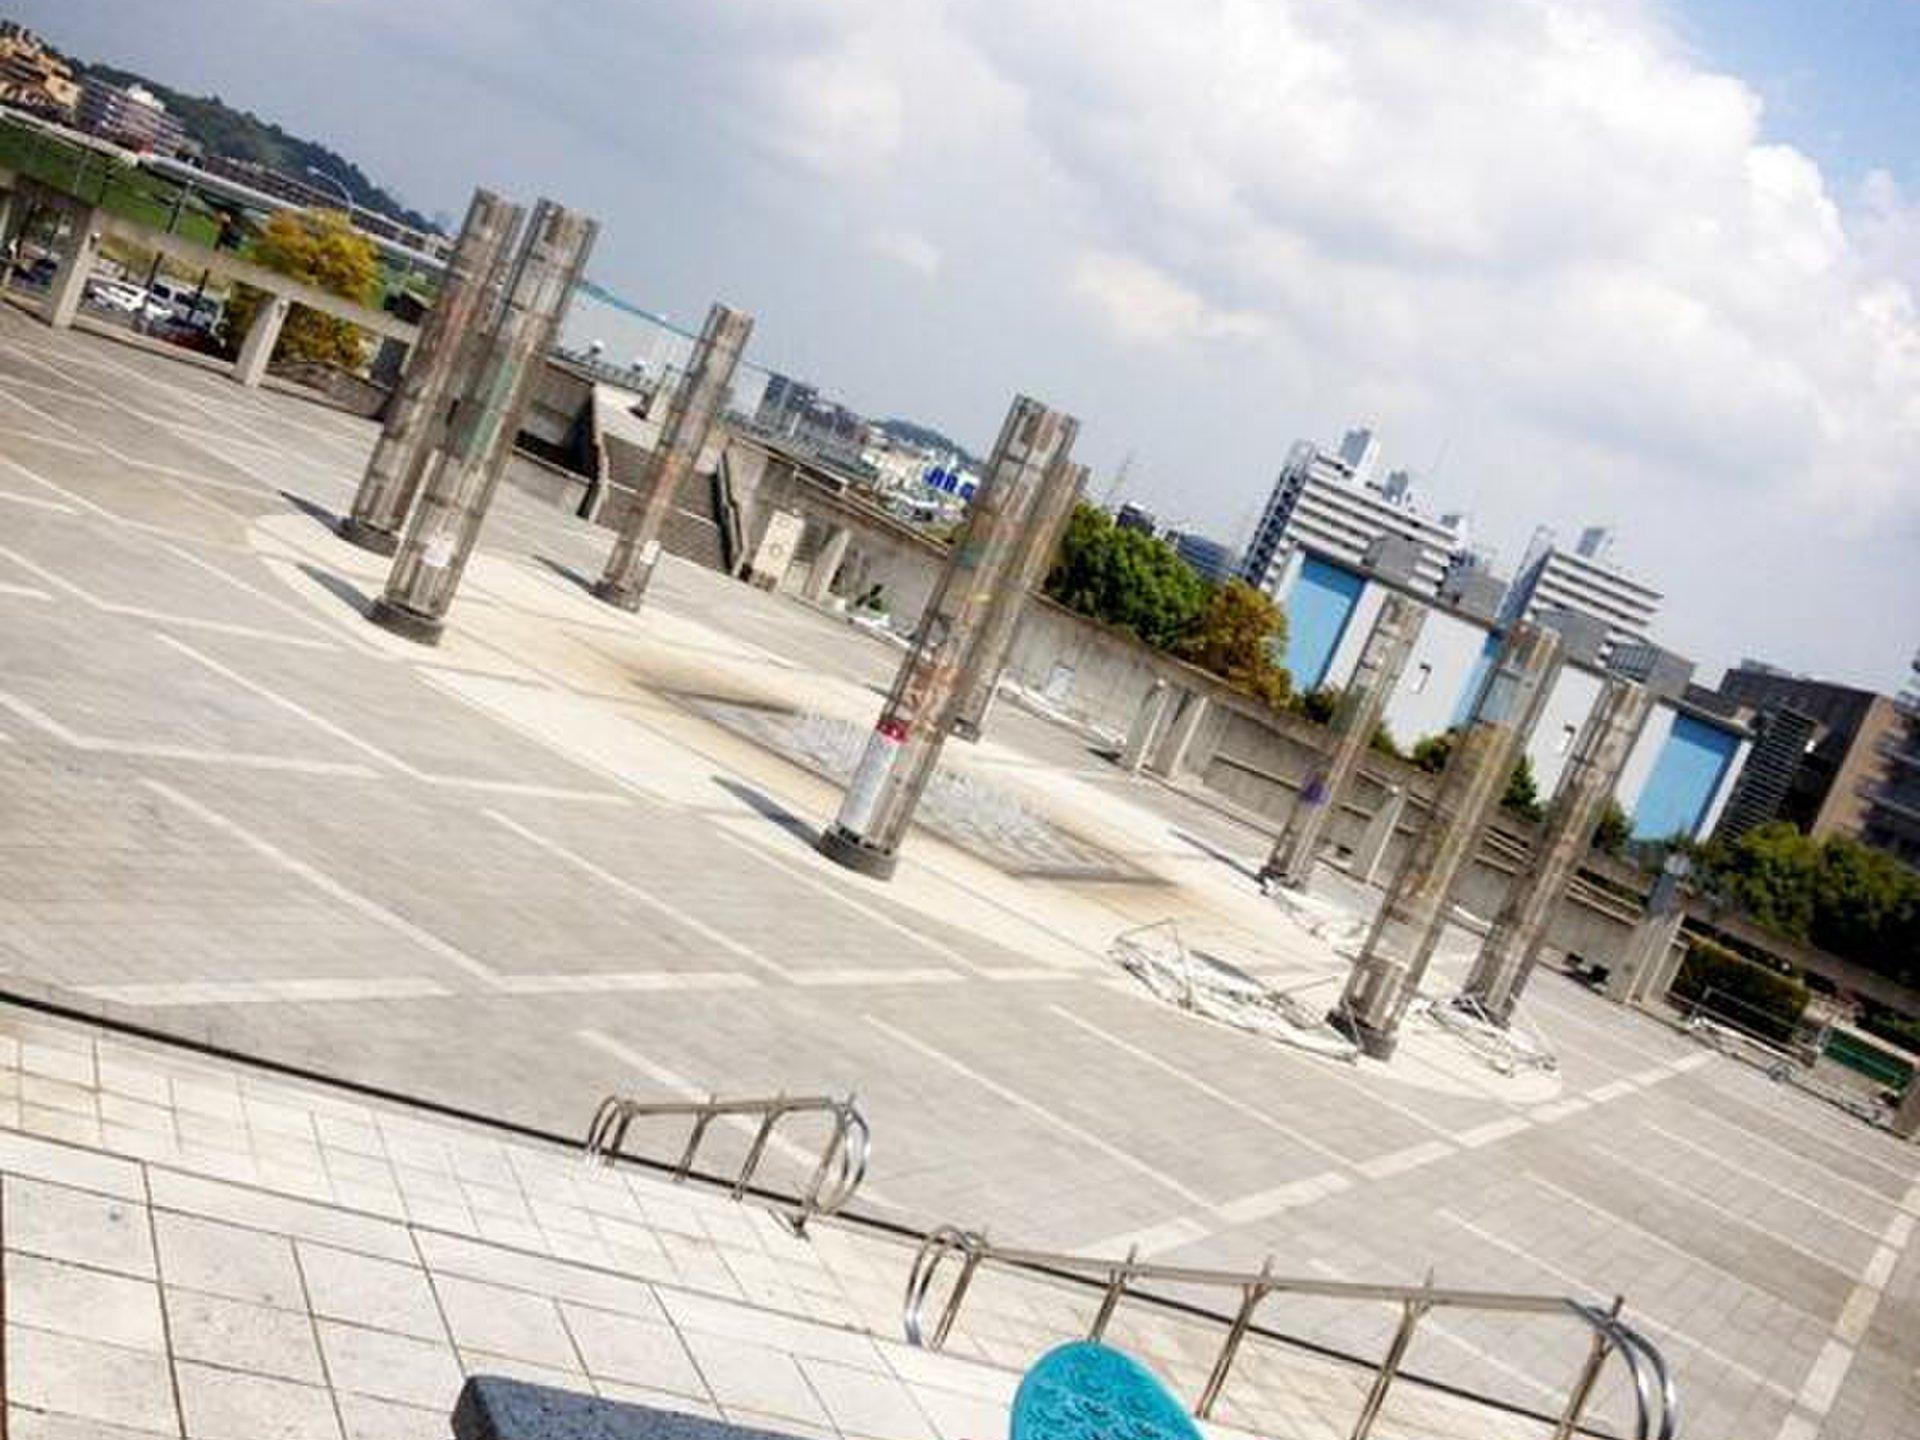 【ペニーで散歩デート】新横浜の町並みを楽しみながら遊べるスポットへGO!